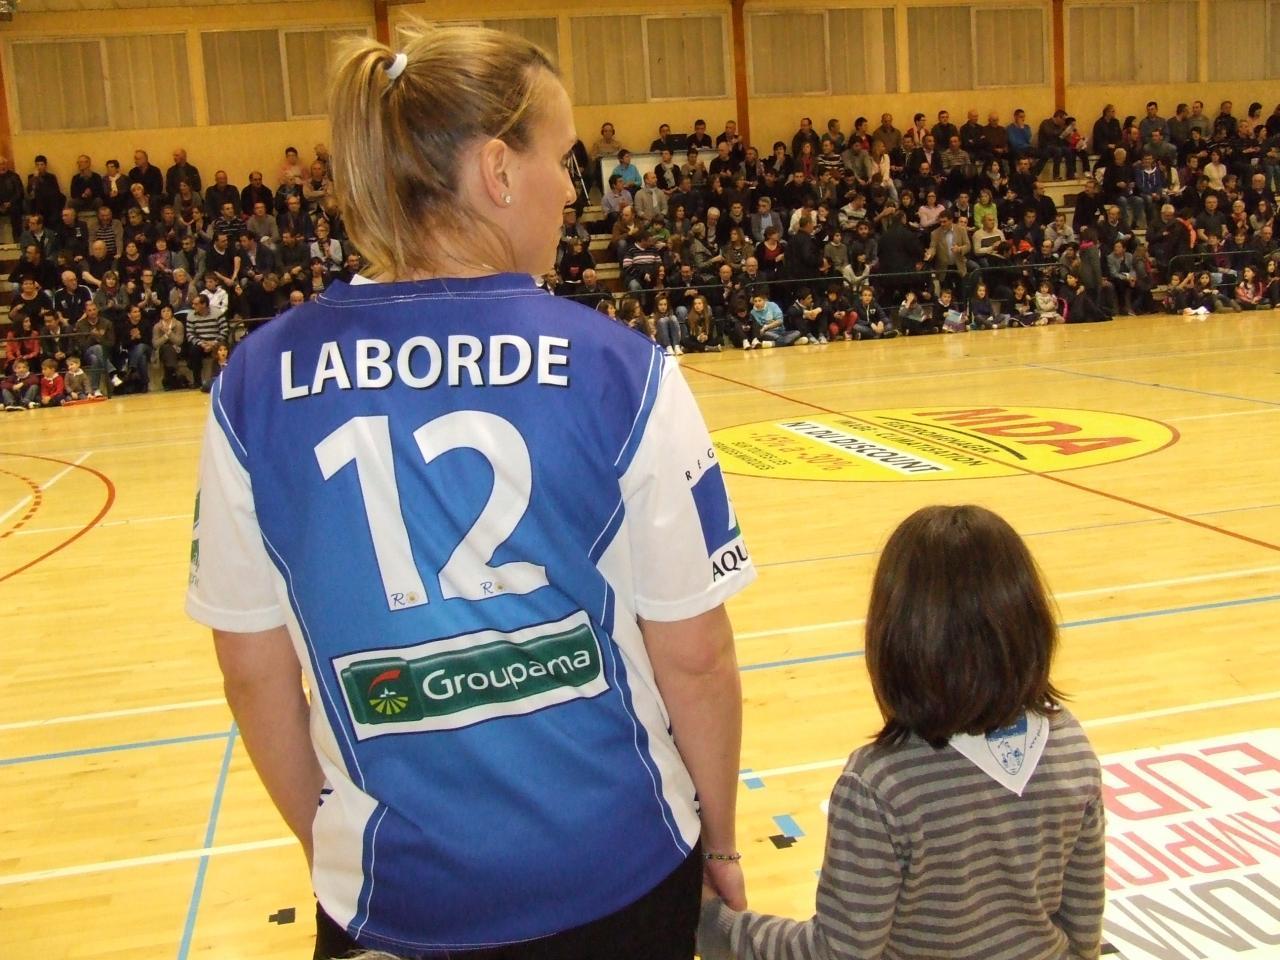 Lucie accompagnée de Marion Laborde pour le coup d'envoi